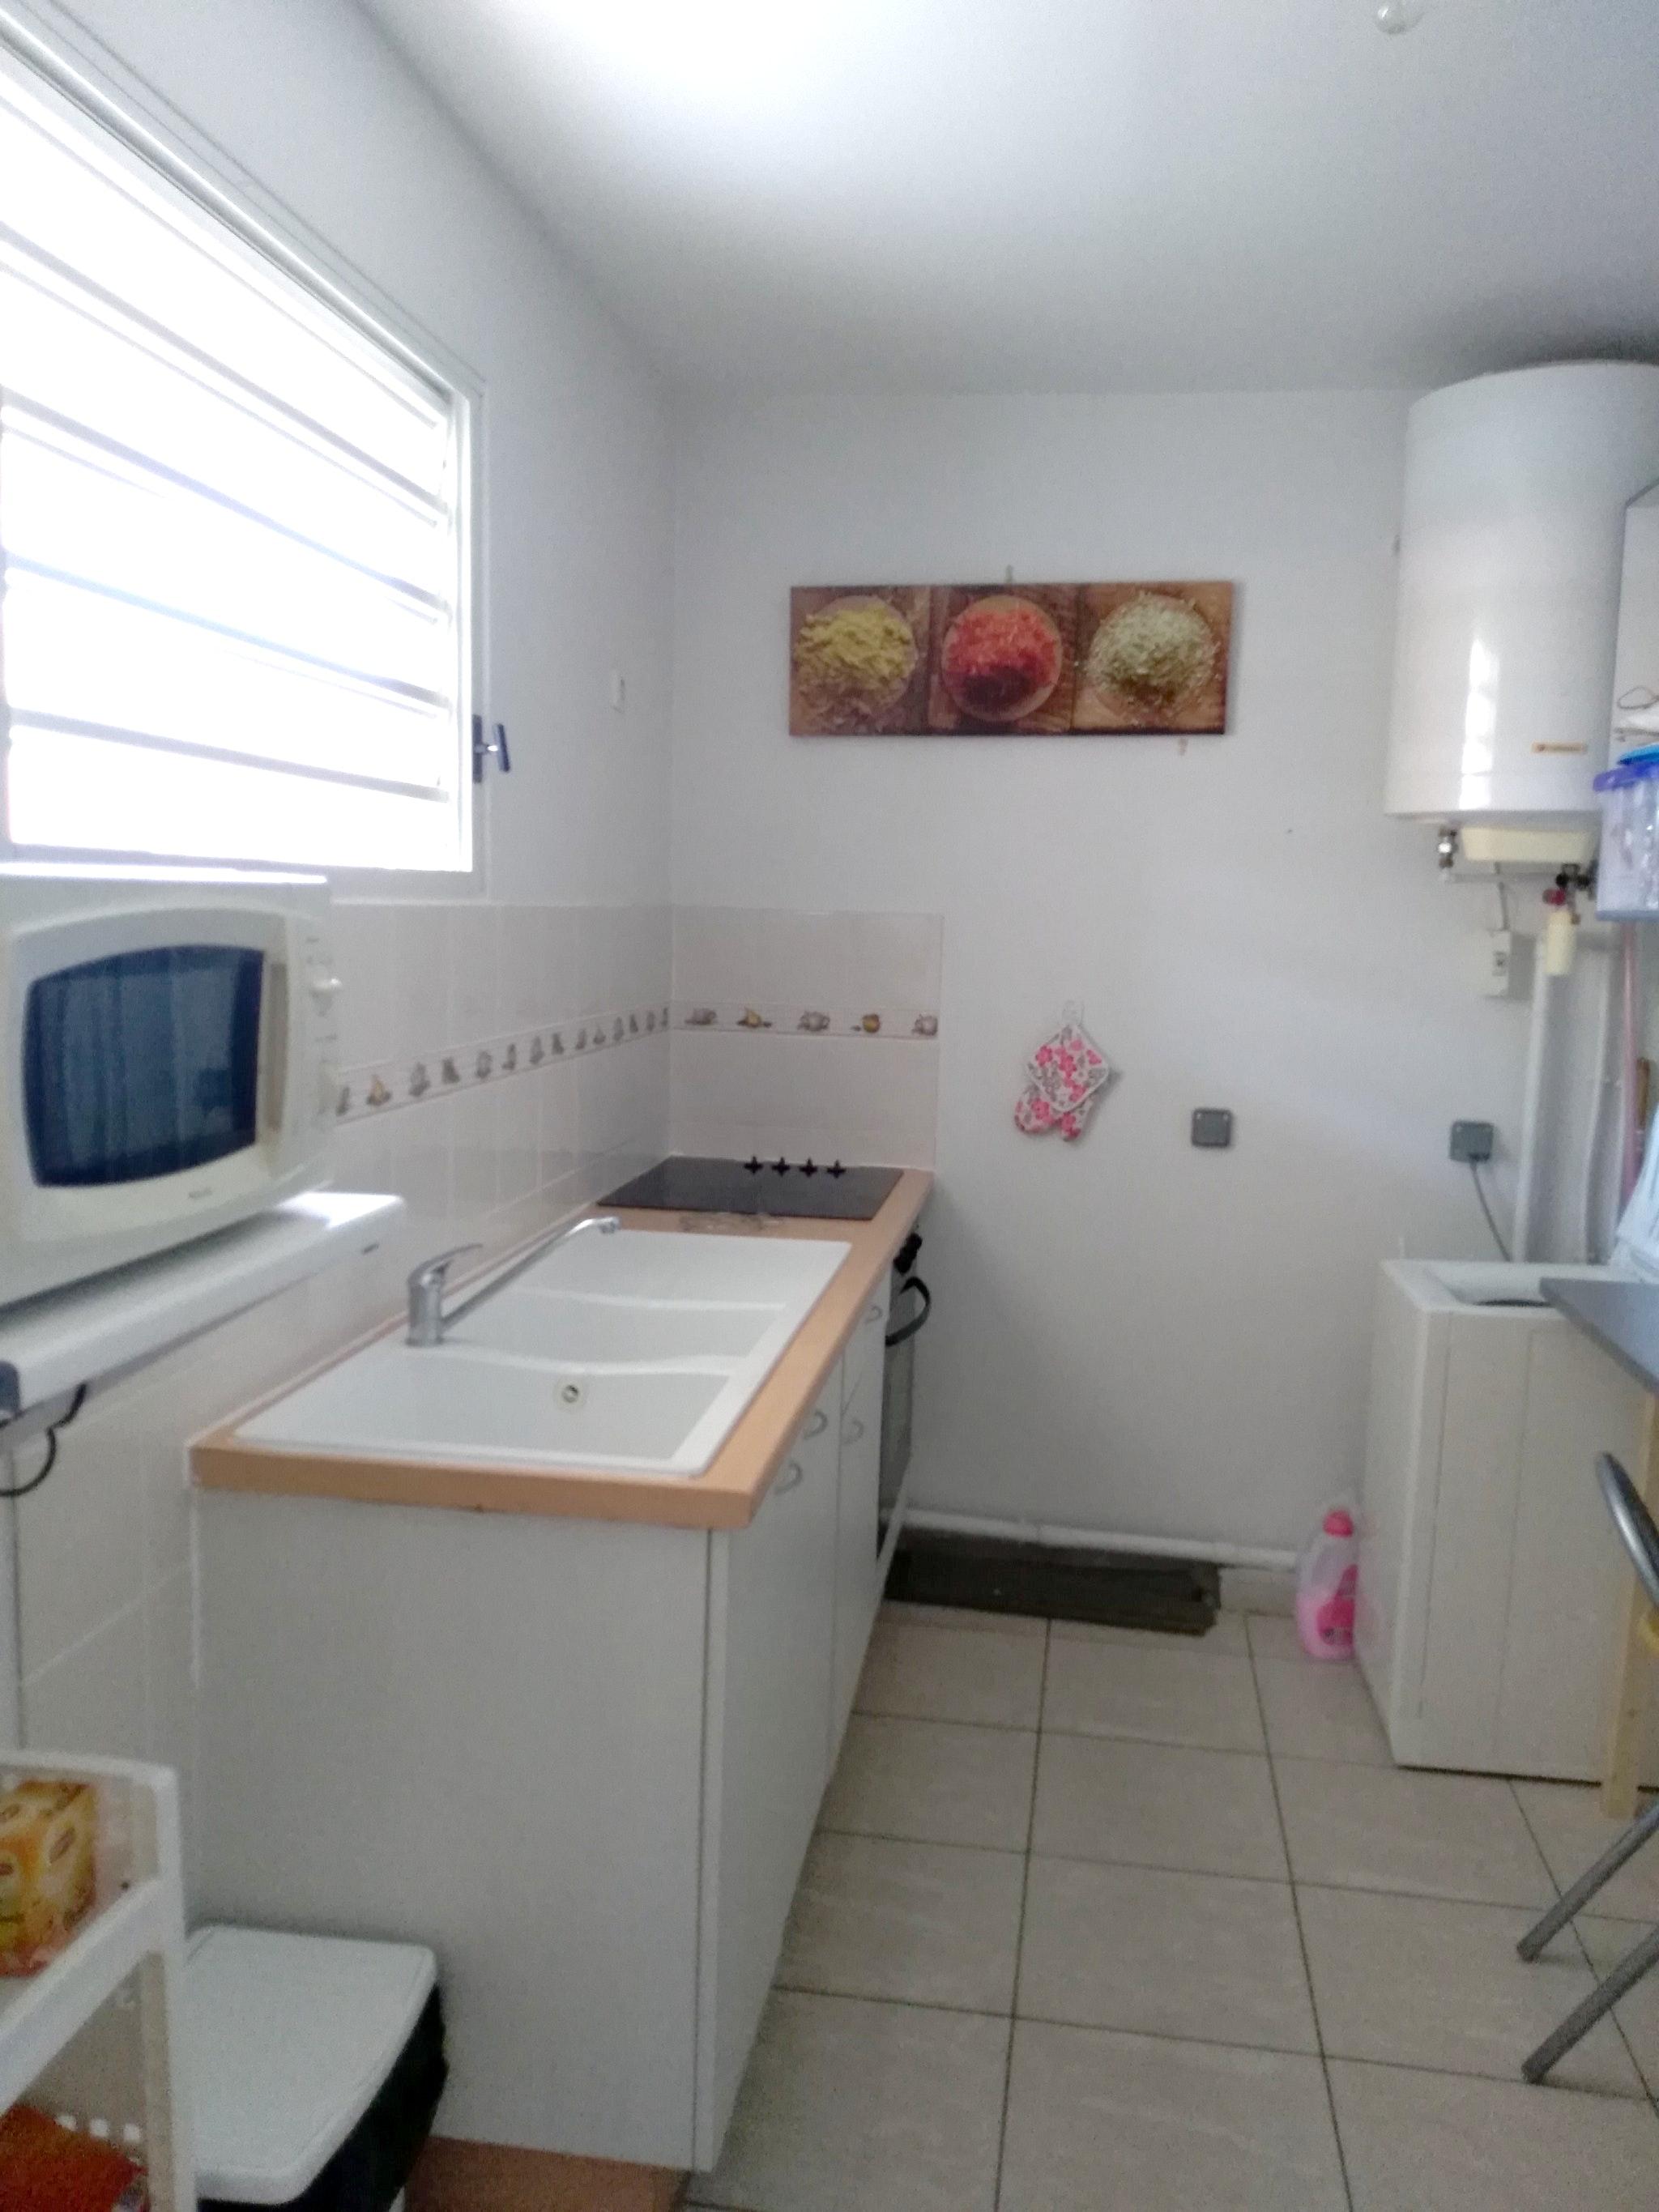 Ferienhaus Haus mit 2 Schlafzimmern in Les Trois-Ilets mit Pool, eingezäuntem Garten und W-LAN - 500  (2664081), Les Trois-Îlets, Le Marin, Martinique, Karibische Inseln, Bild 6